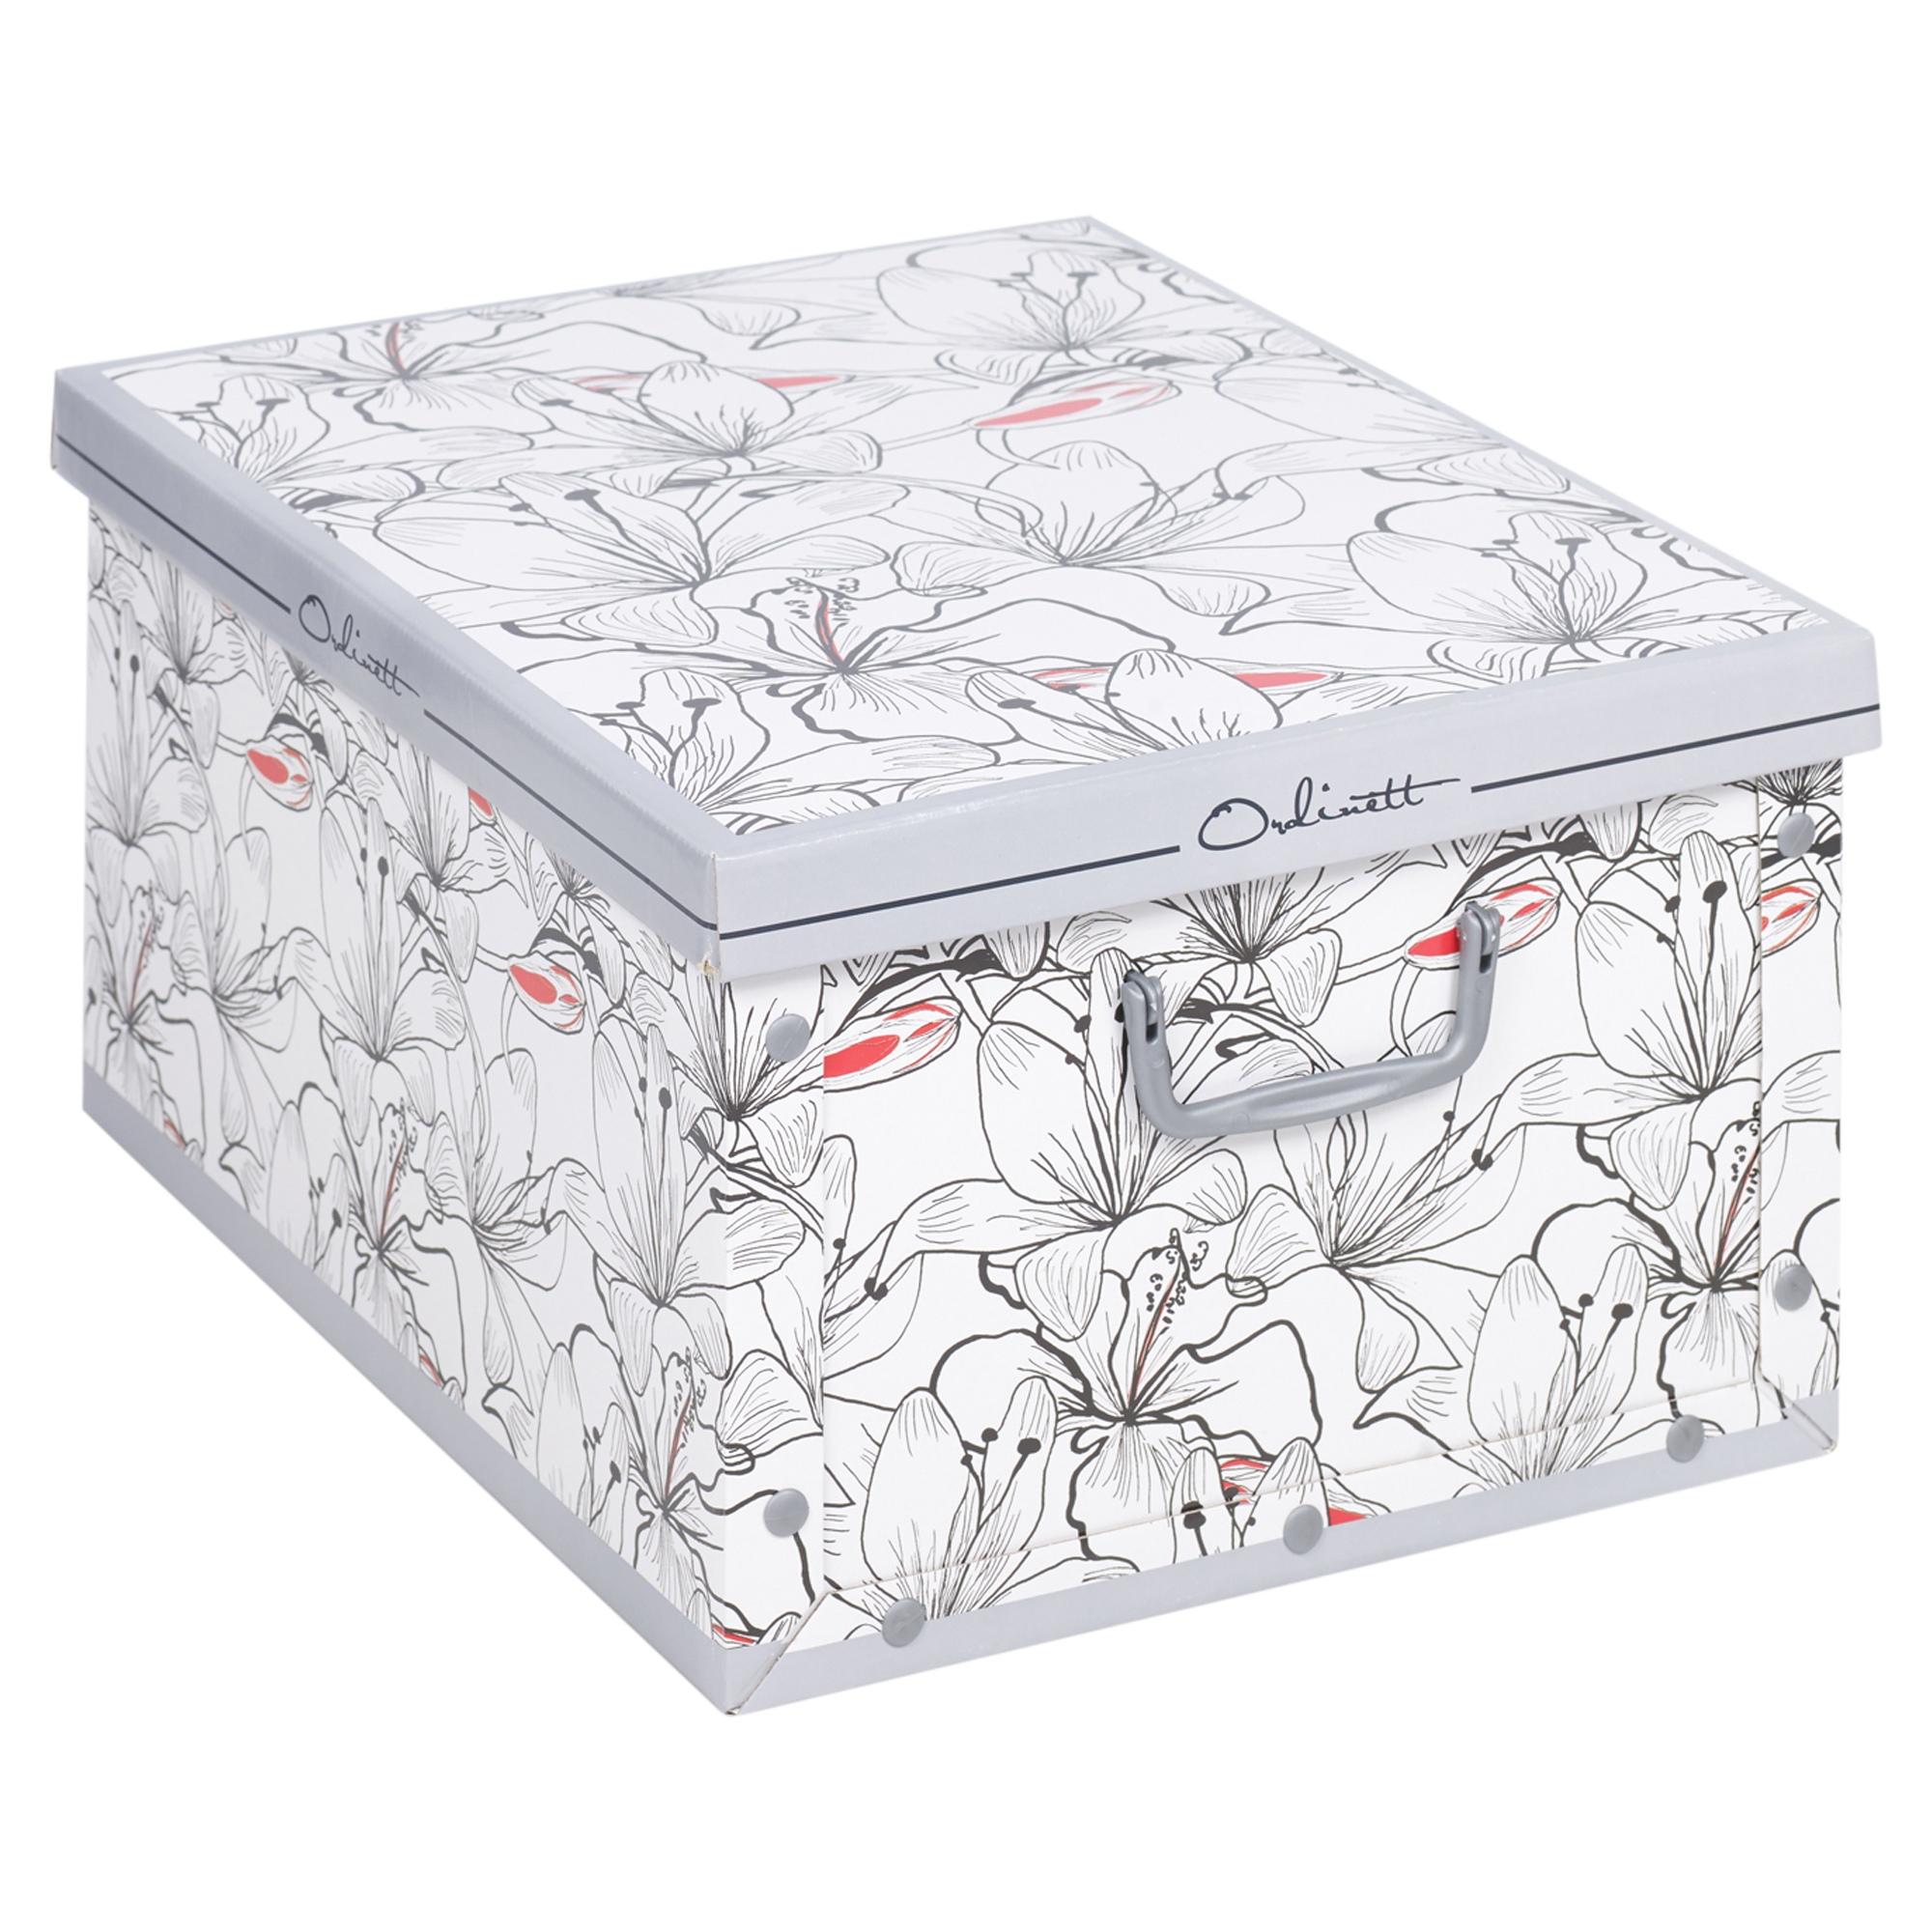 set 3 unterbett aufbewahrung boxen mit deckel griffe kleider klappbar leicht ebay. Black Bedroom Furniture Sets. Home Design Ideas